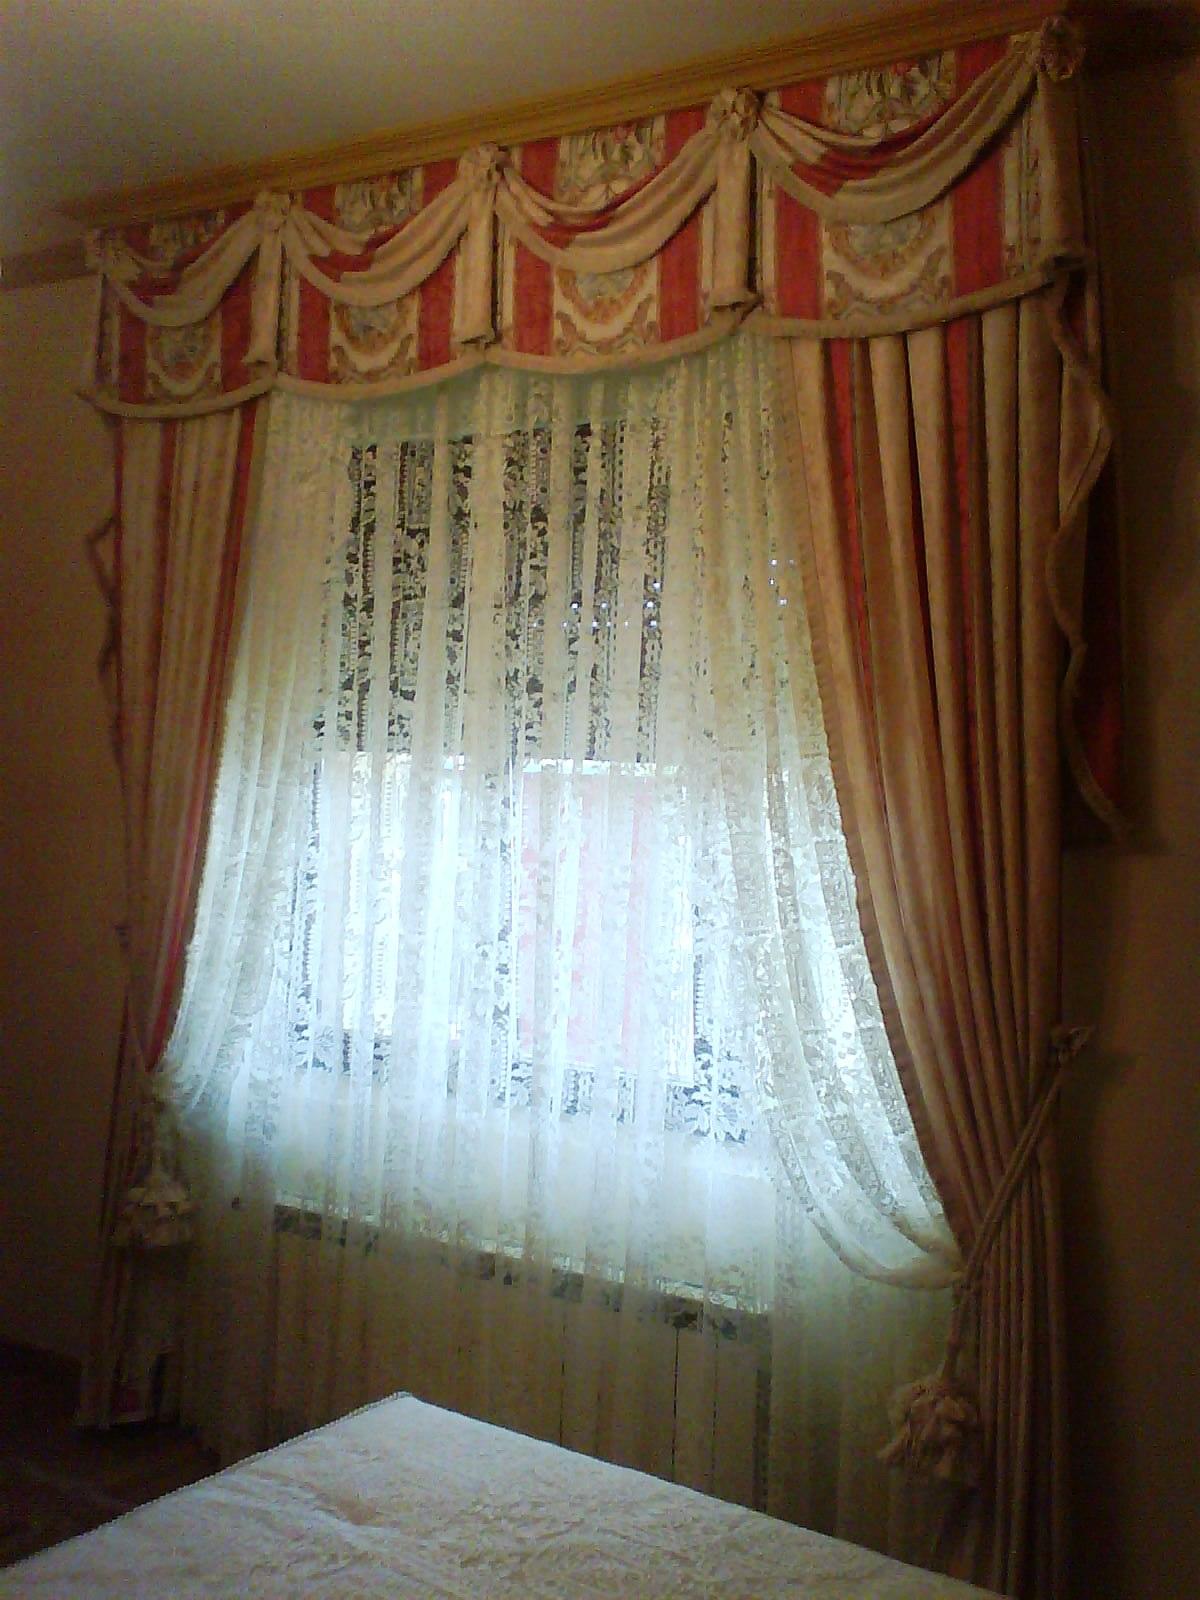 Quintero decoraci n textil otra forma de fruncido de - Formas de cortinas ...